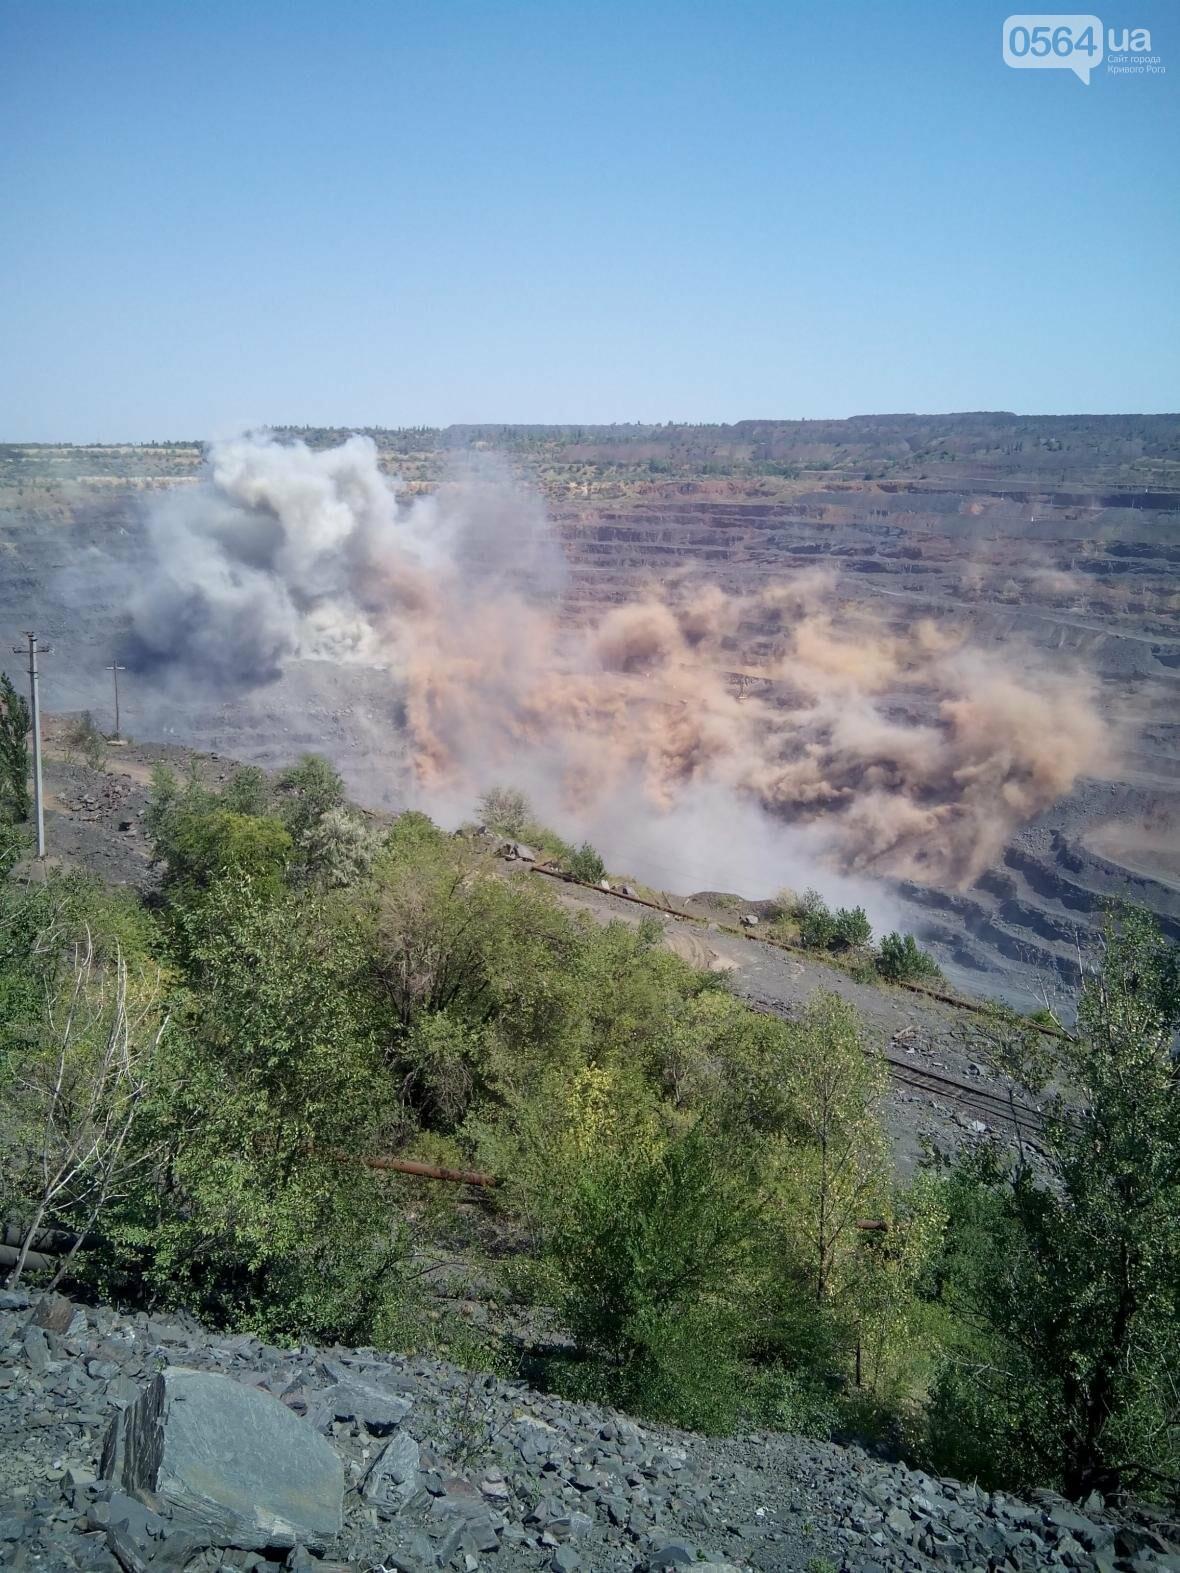 Горноспасатели взорвали в криворожском карьере 300 тонн взрывчатых веществ (ФОТО), фото-4